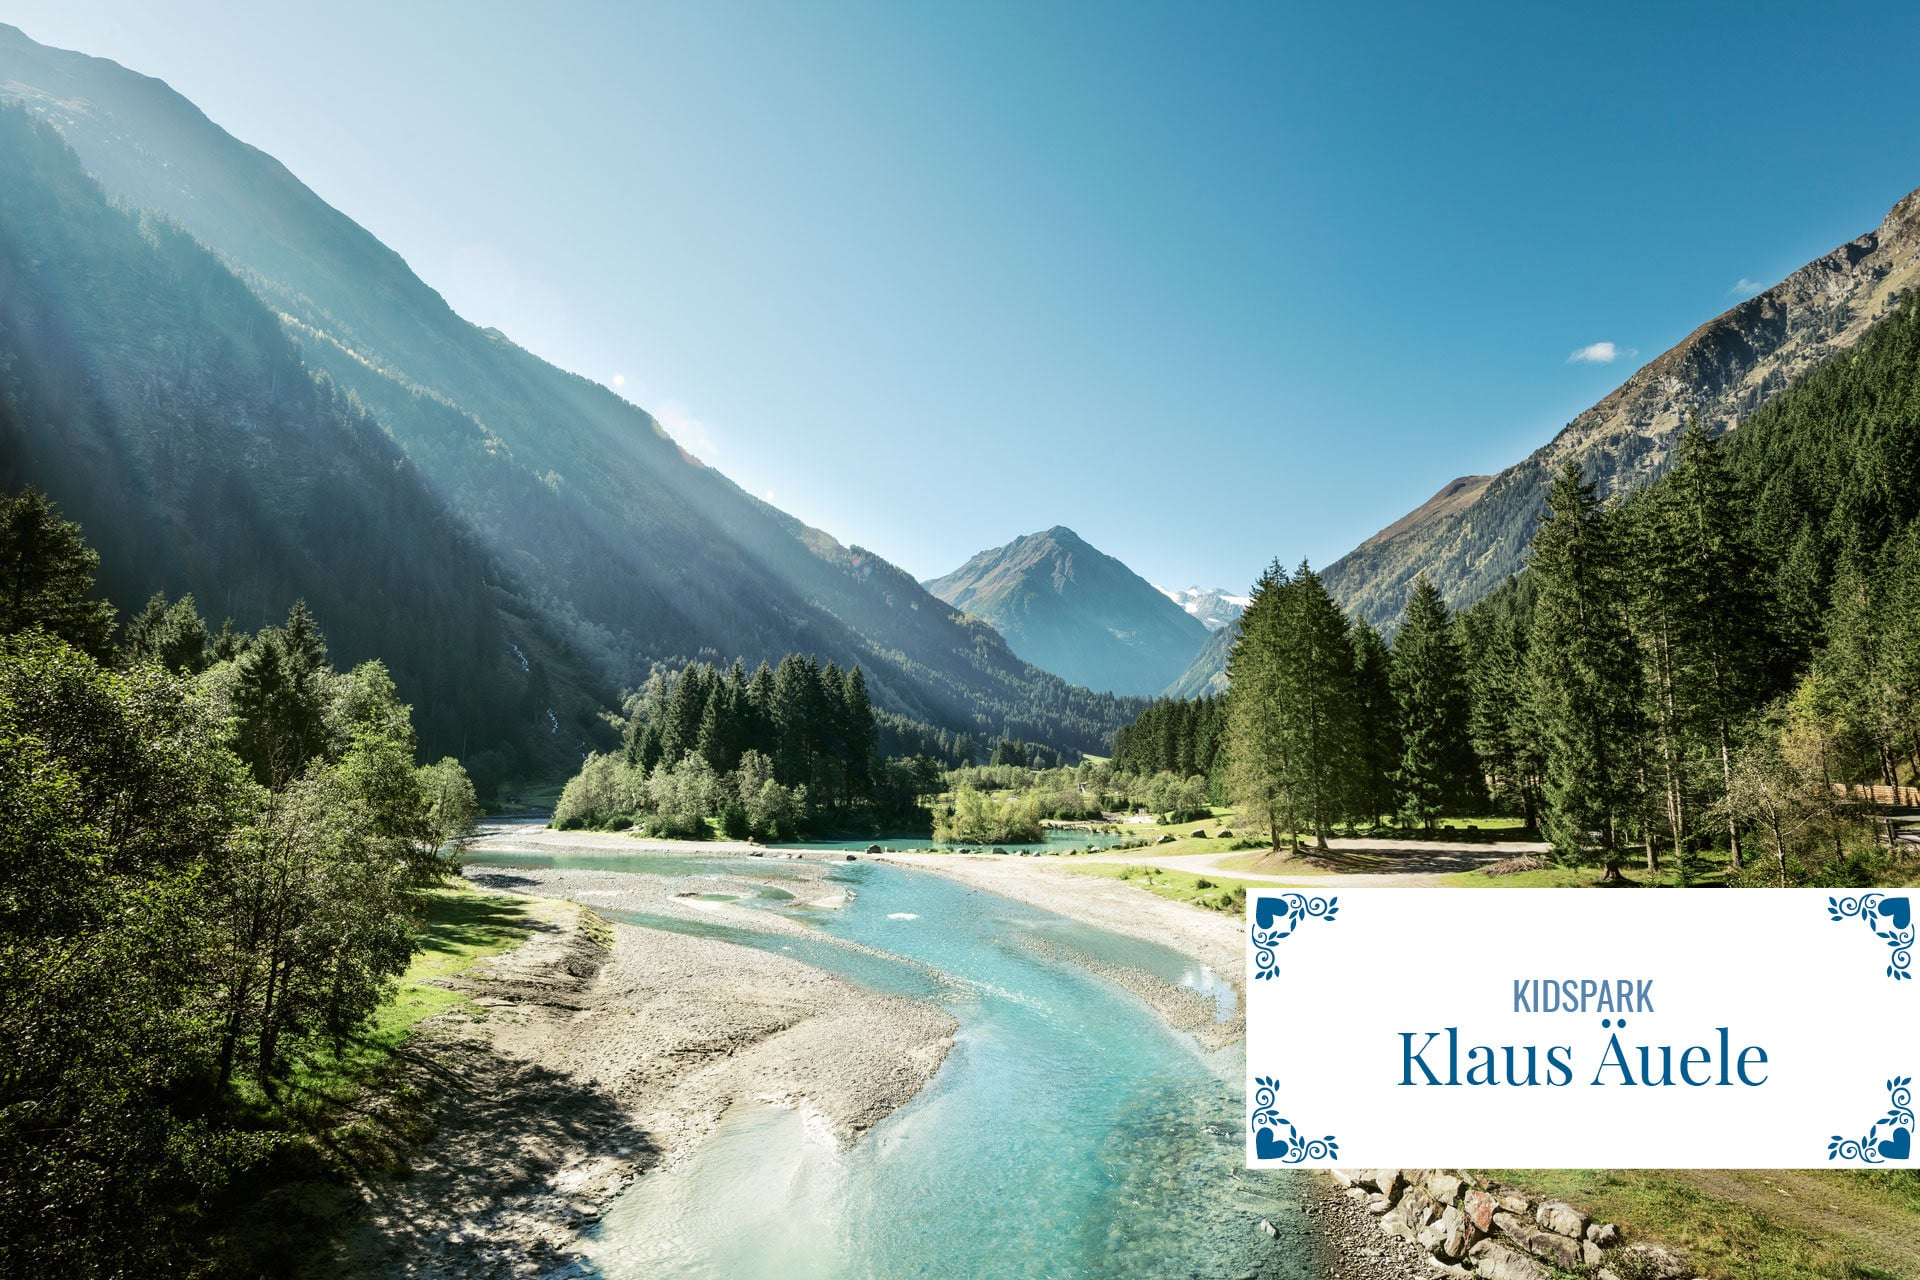 Sepp-und-Hannis-Stubaital-Sommerhighlight-Kidspark-Klaus-Aeuele-Aktivurlaub-Tirol